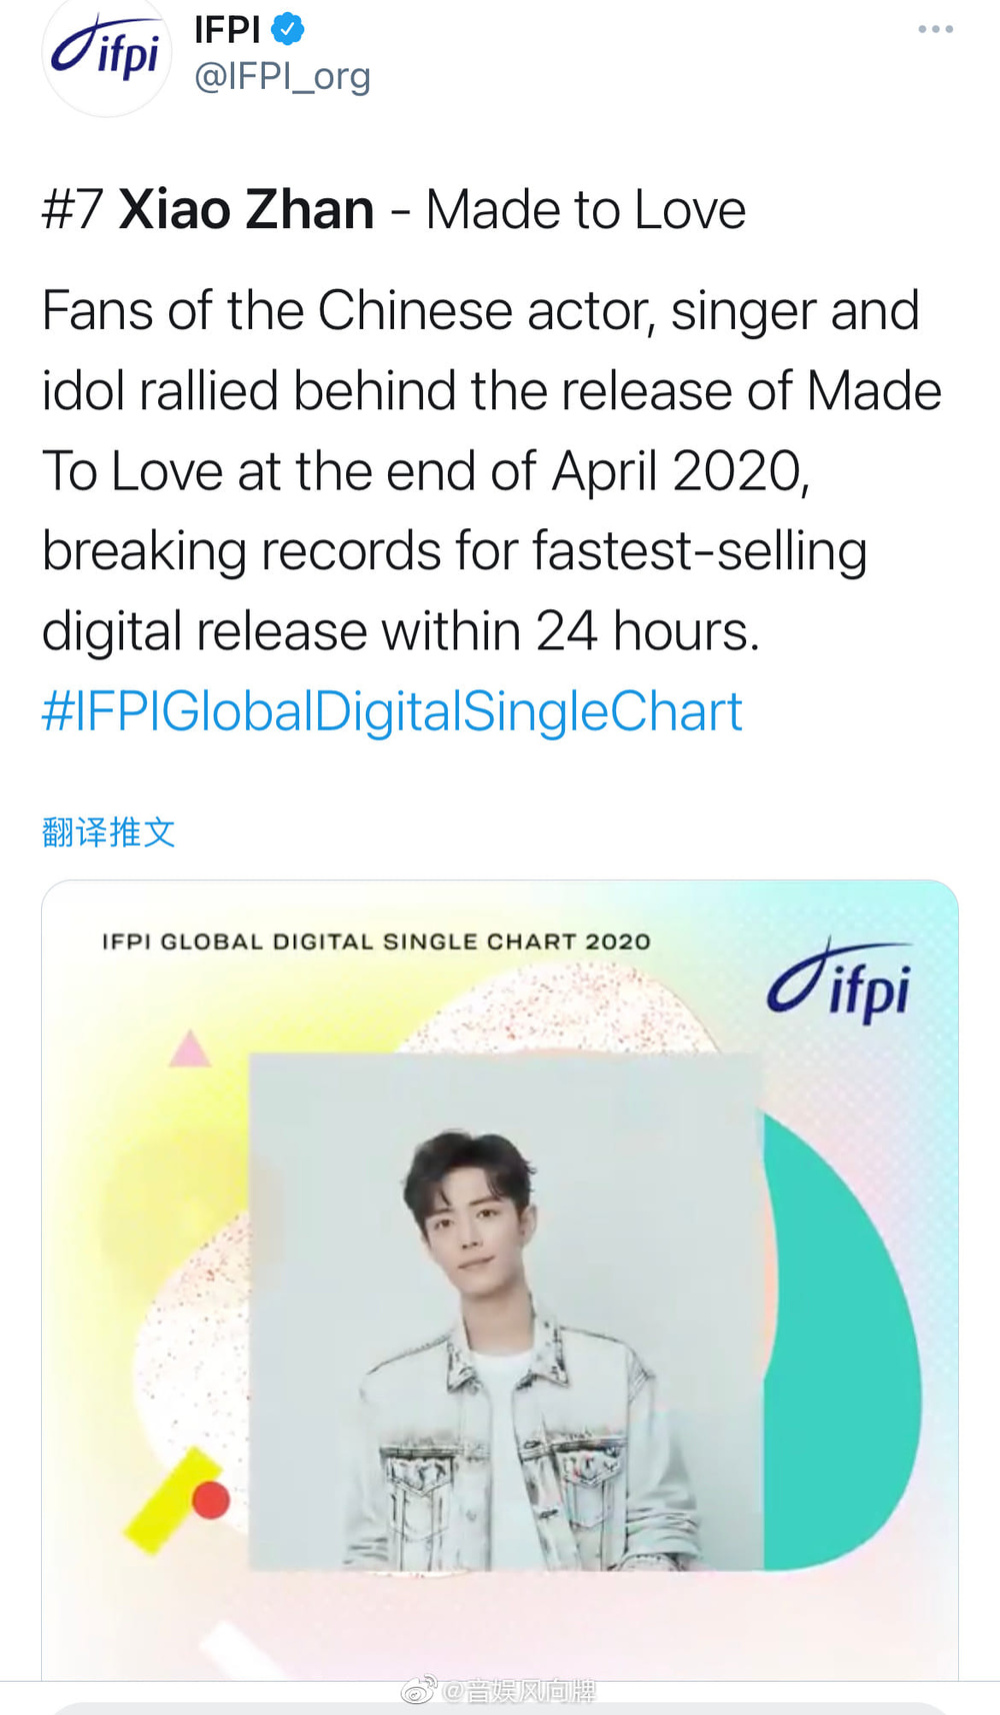 Antifan tức tối, mắng chửi khi Tiêu Chiến lọt TOP 10 đĩa đơn bán chạy nhất toàn cầu 2020 Ảnh 2